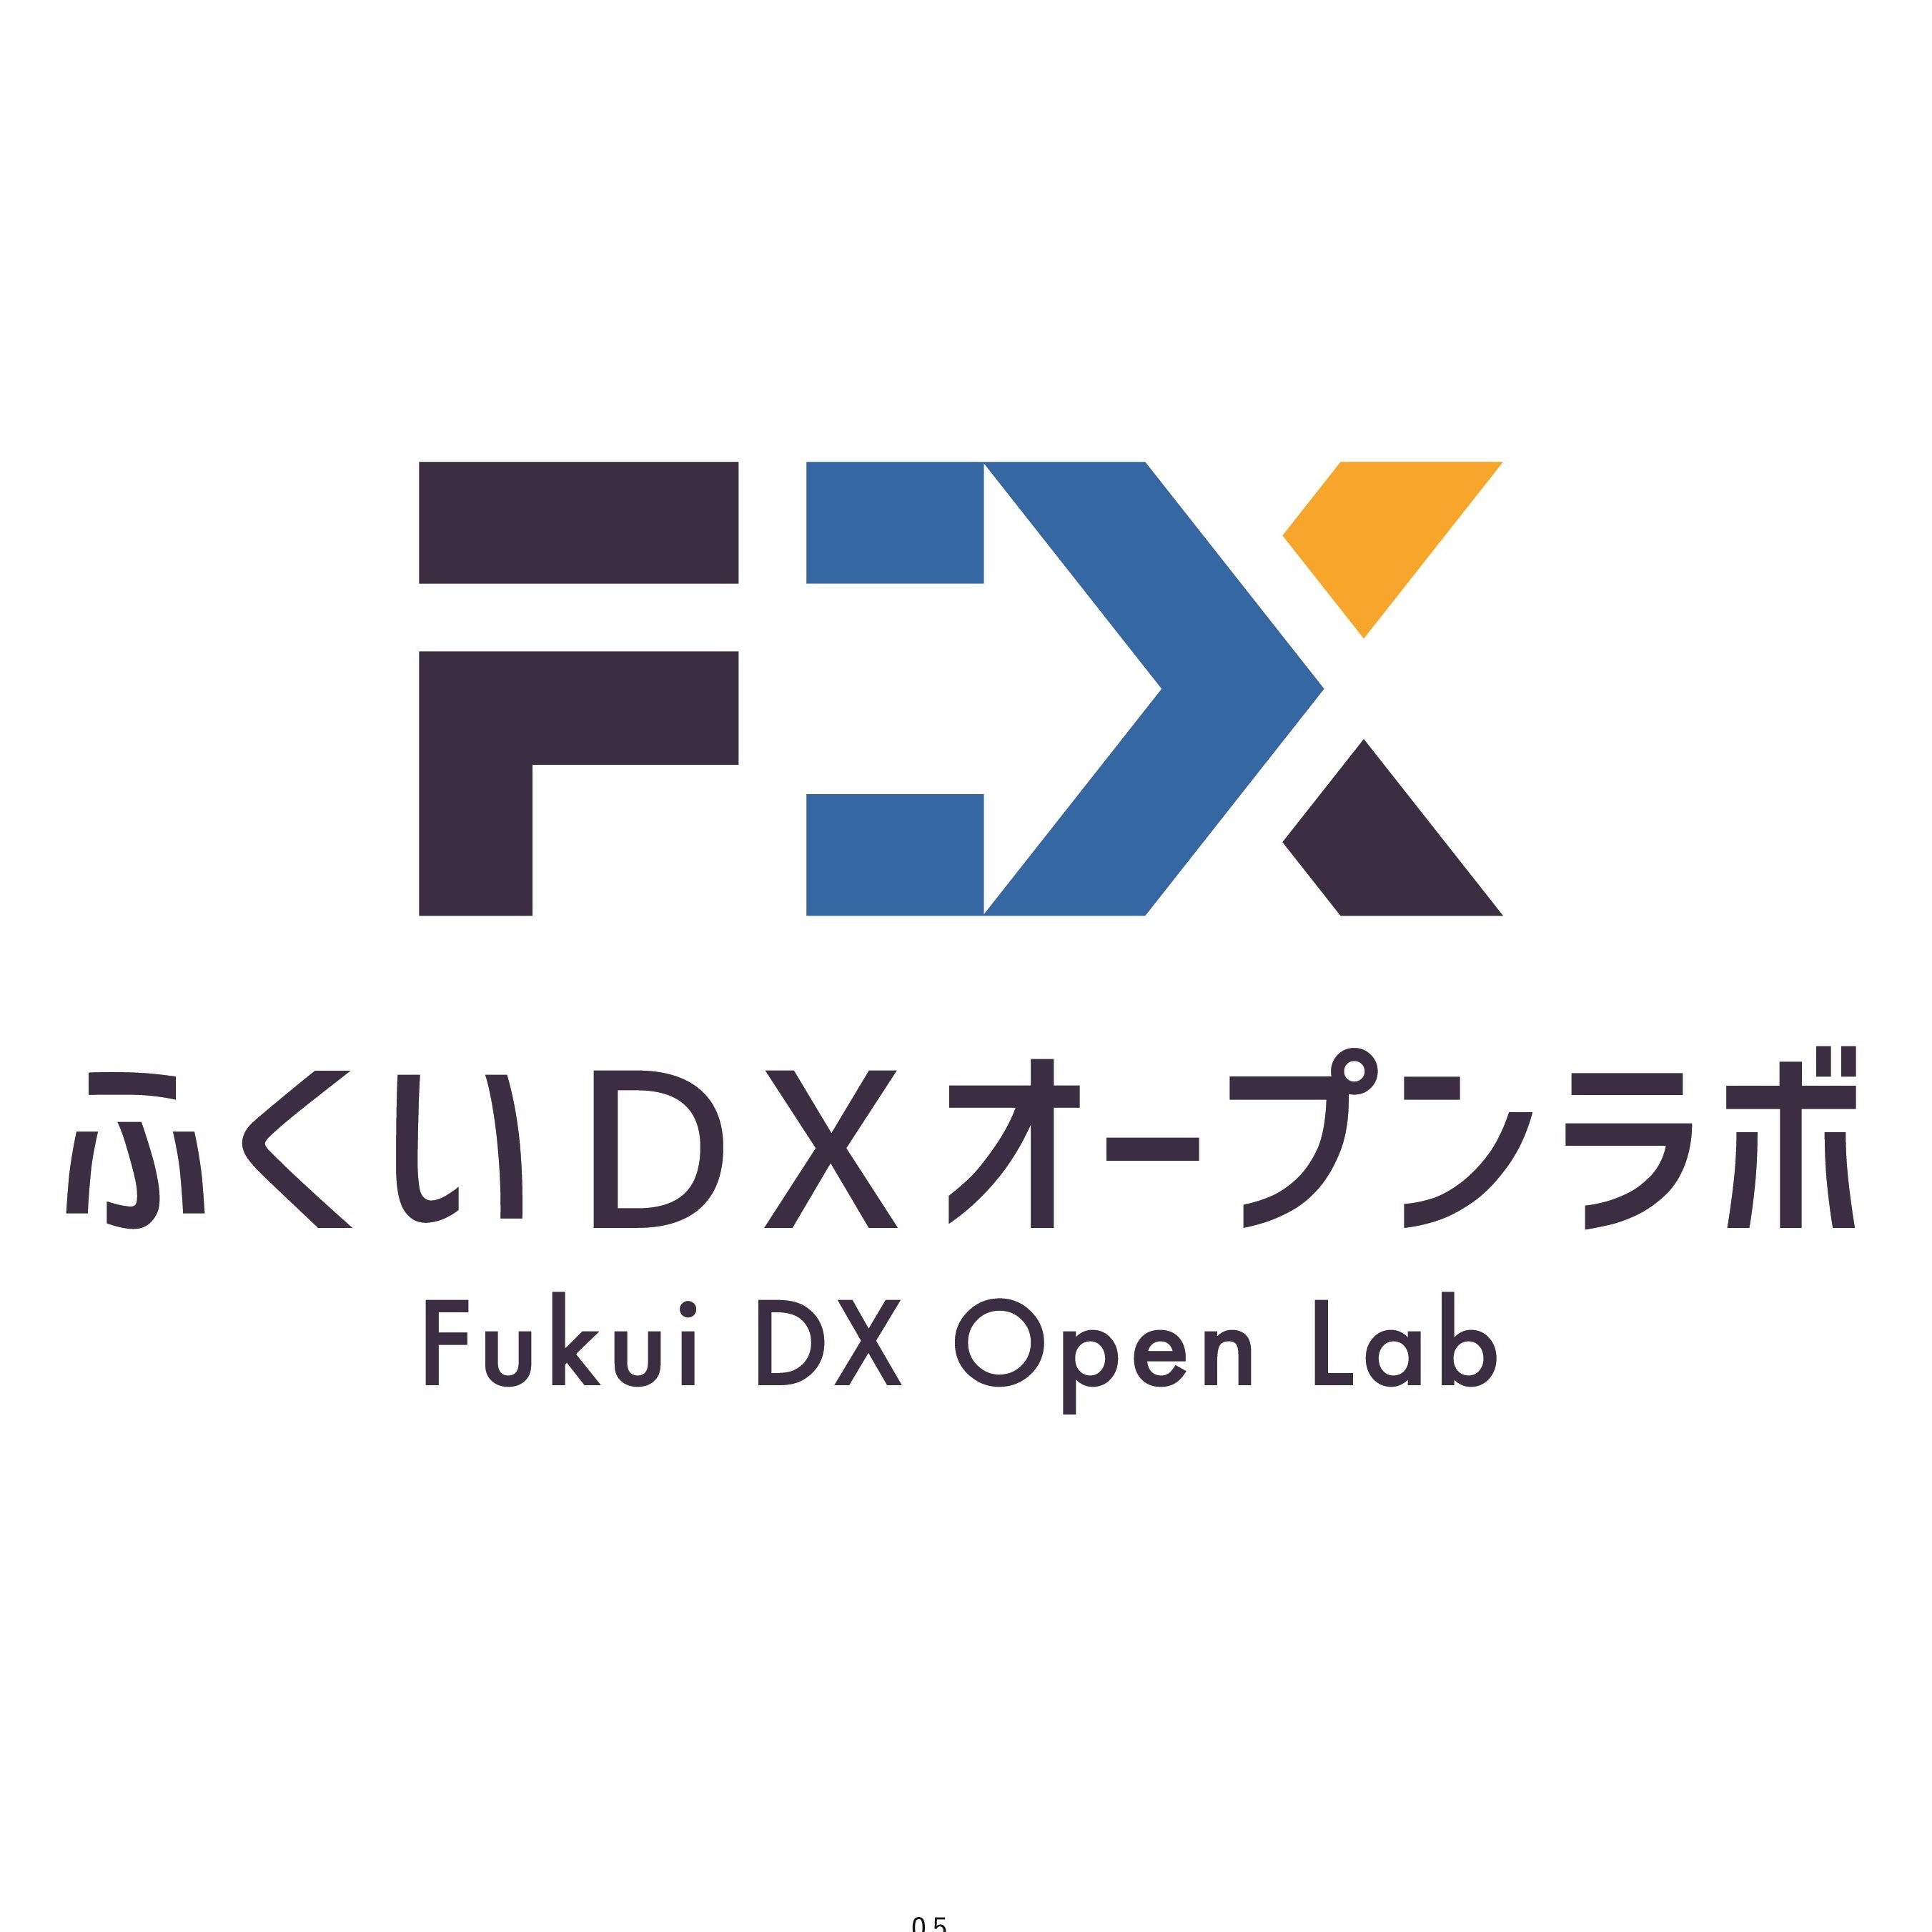 ふくいDXオープンラボ